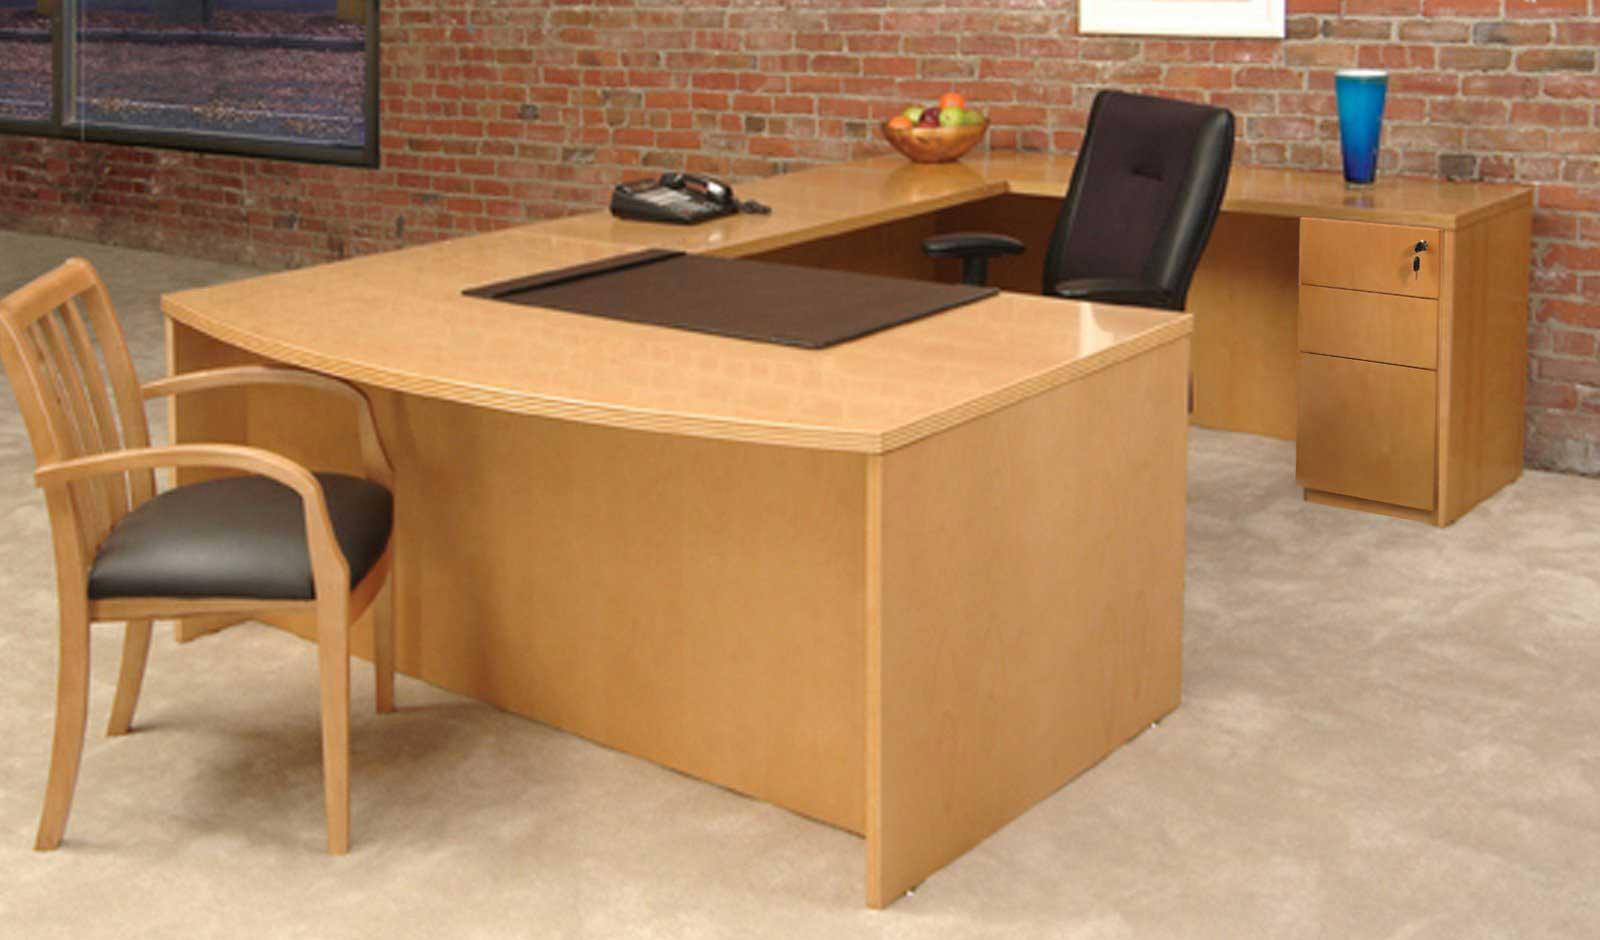 Строительство масштабного деревянного офиса будет проводиться с использованием российских материалов